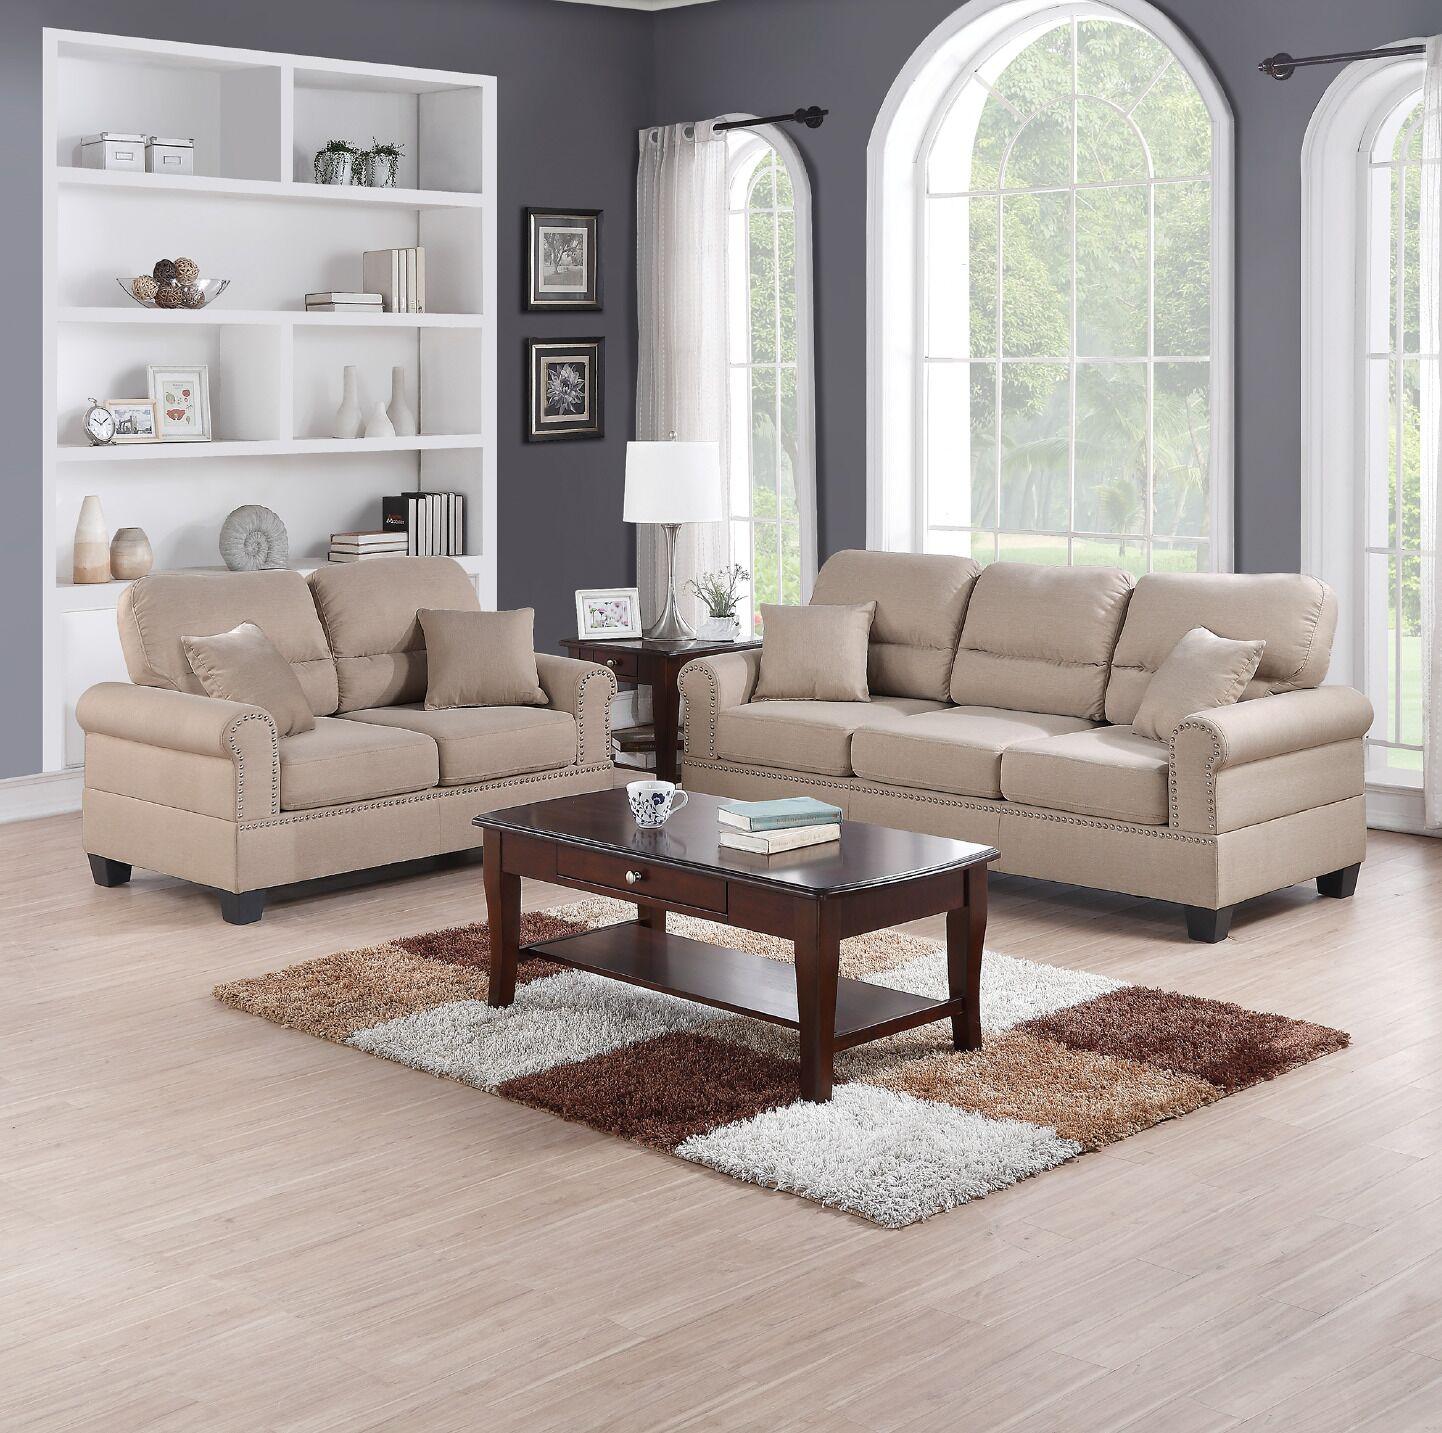 Jablonski 2 Piece Living Room Set Upholstery: Sand